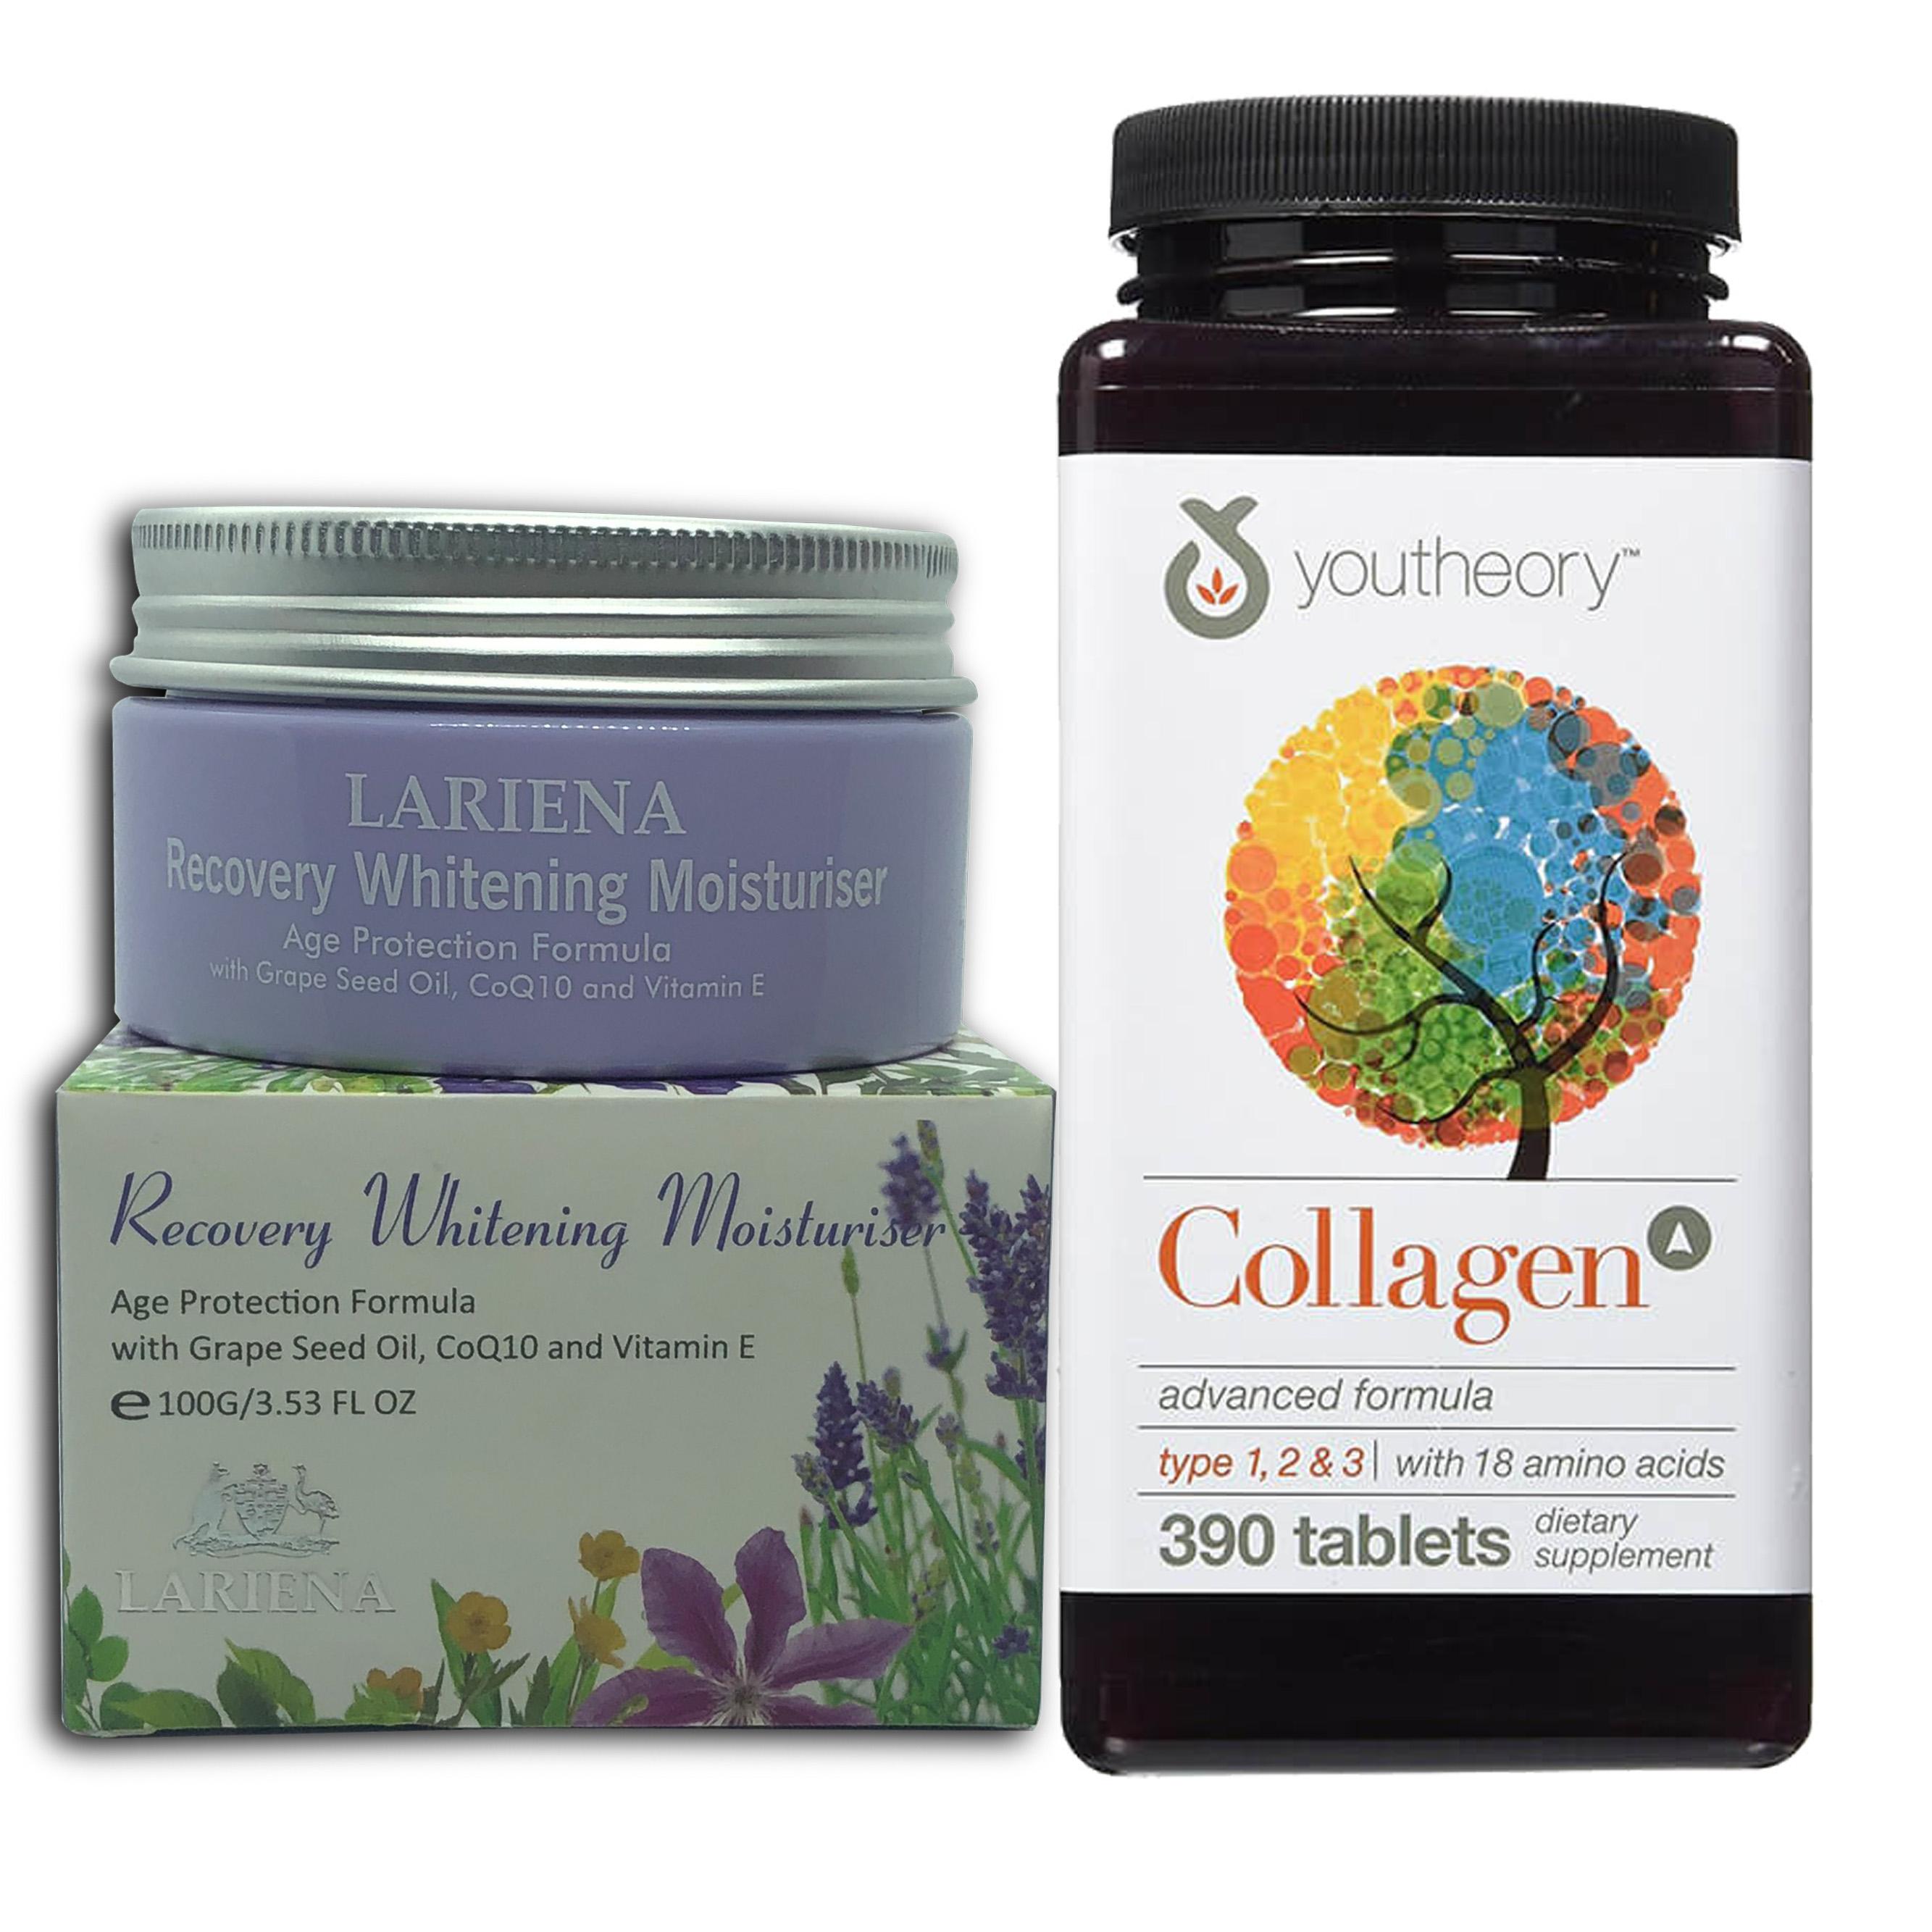 Thực phẩm Bảo Vệ Sức Khỏe Viên uống bổ sung Collagen Youtheory (Collagen Type 1-2-3) 390 Viên Tặng kèm hộp Kem Trắng da...